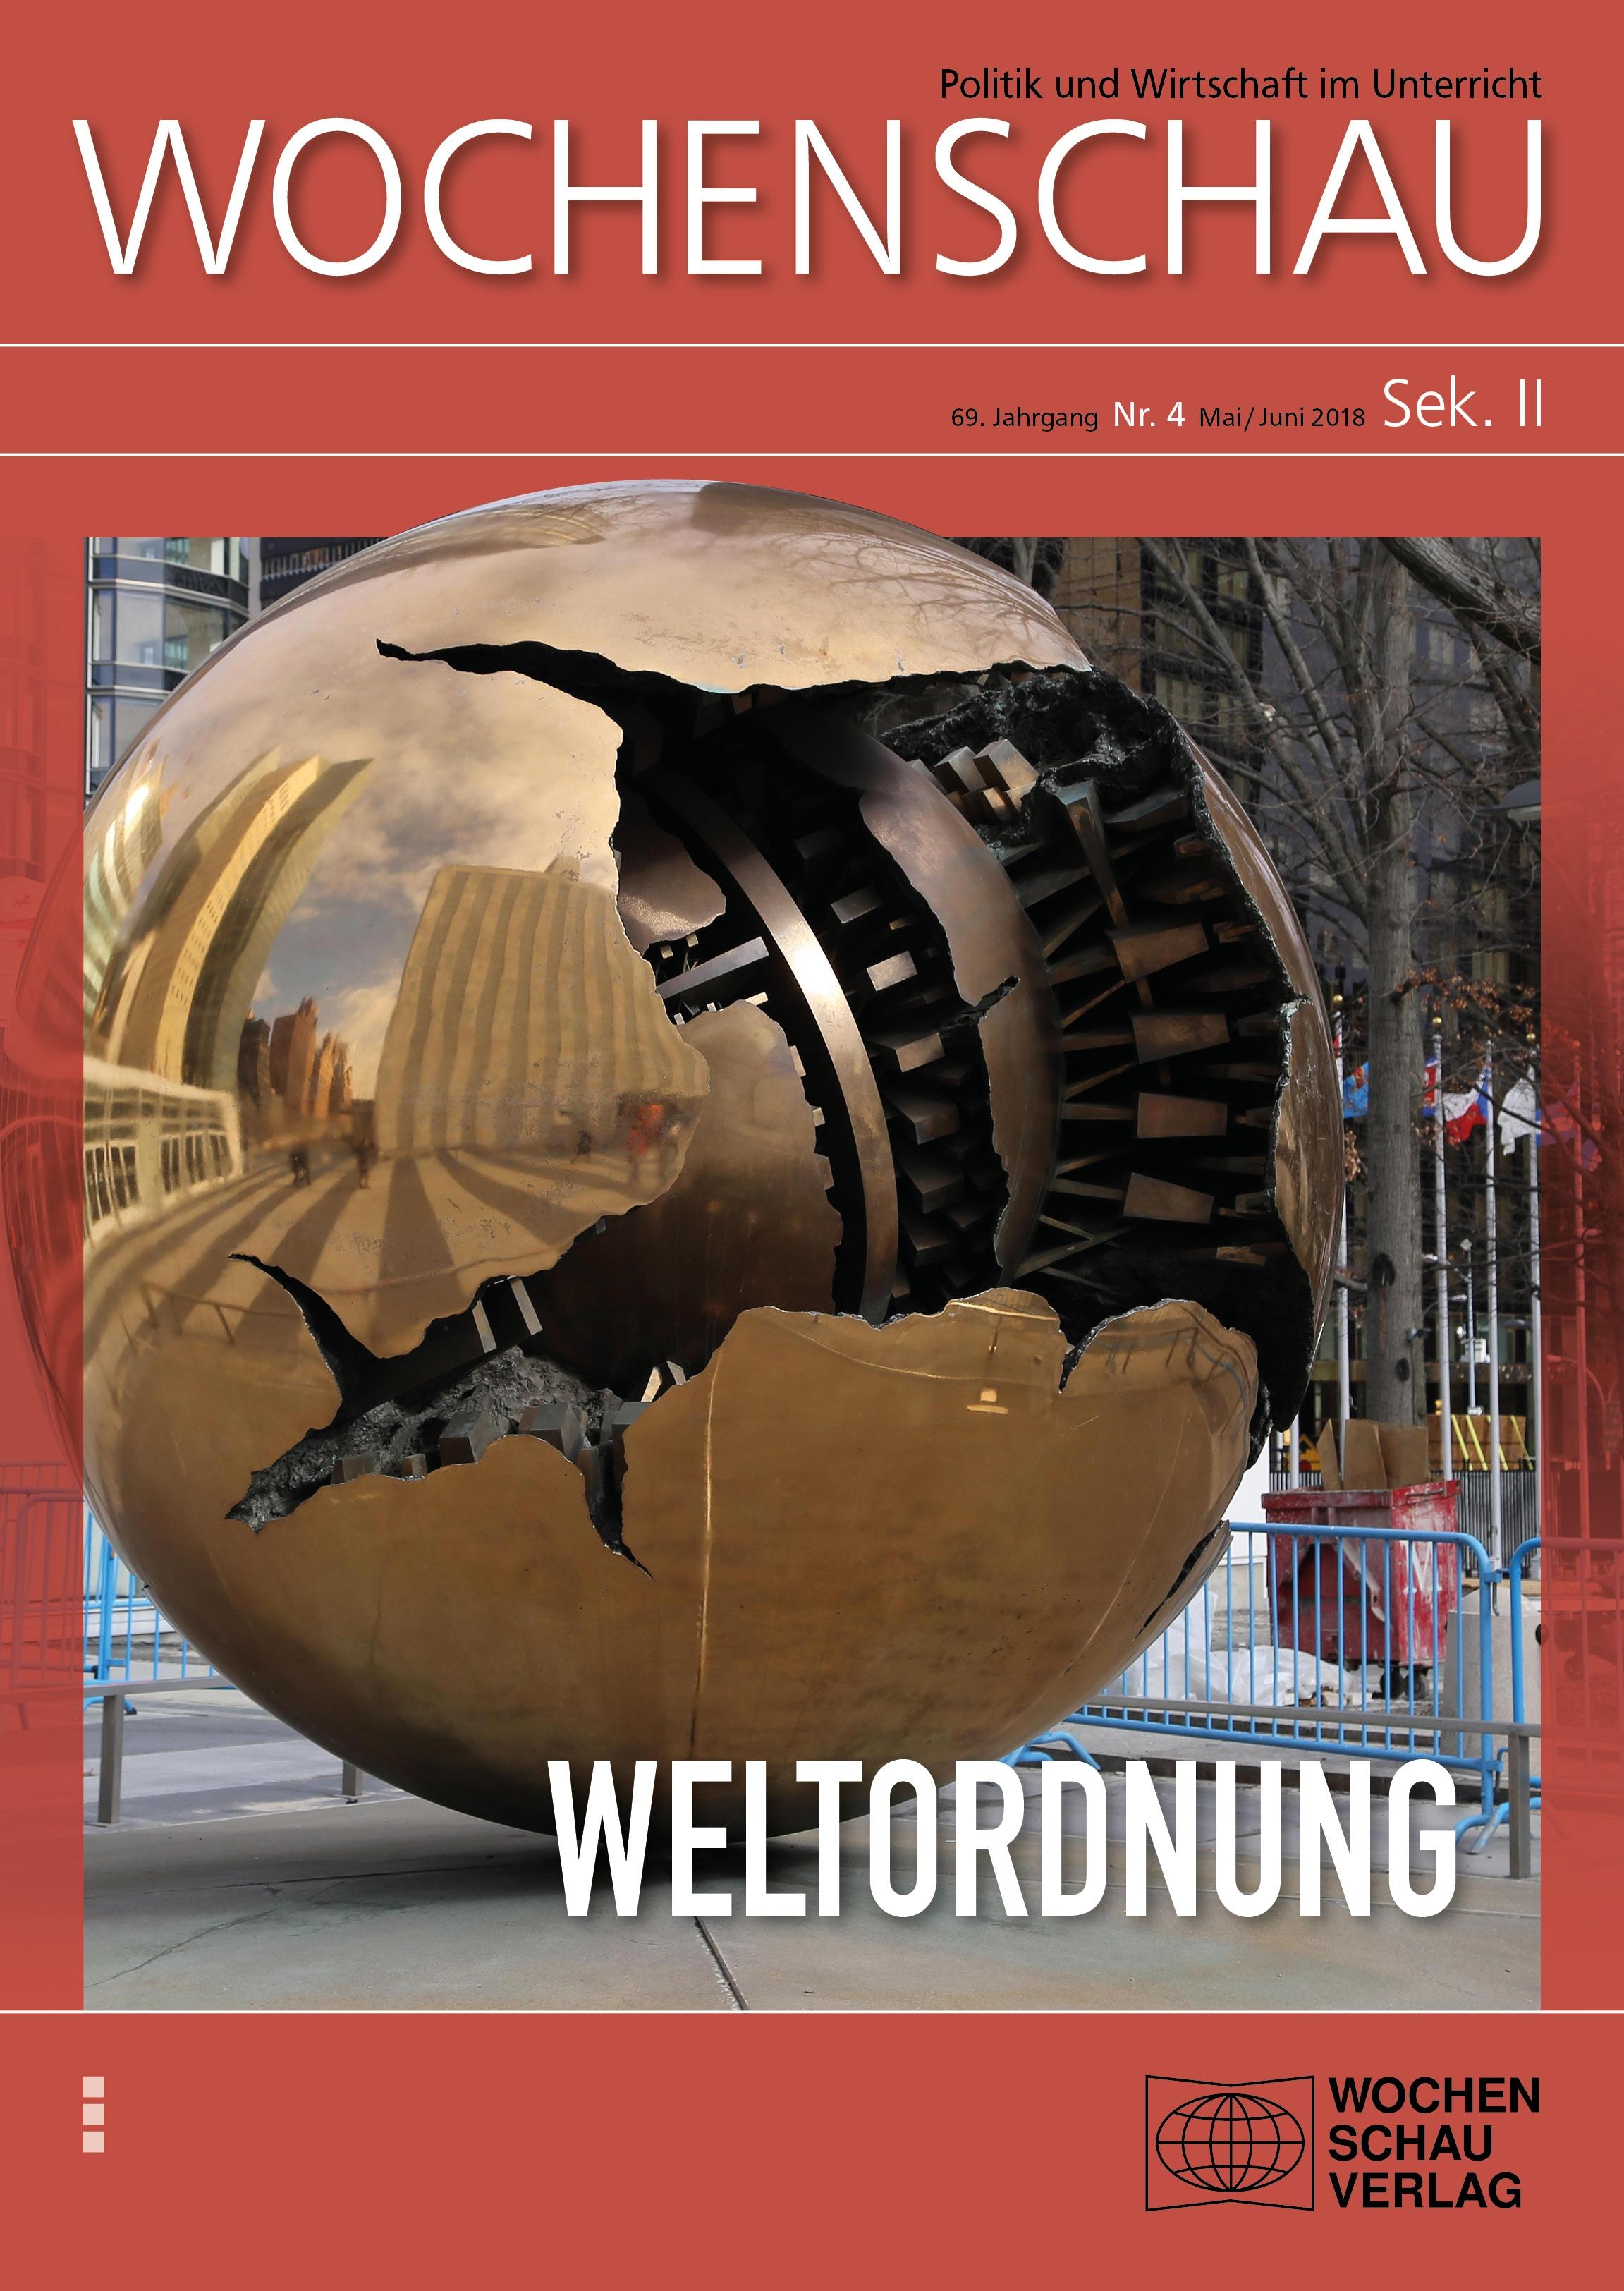 Internationale Beziehungen, internationale Politik, Völkerrecht, Global Governance, Vereinte Nationen, Globalisierung, Weltordnung